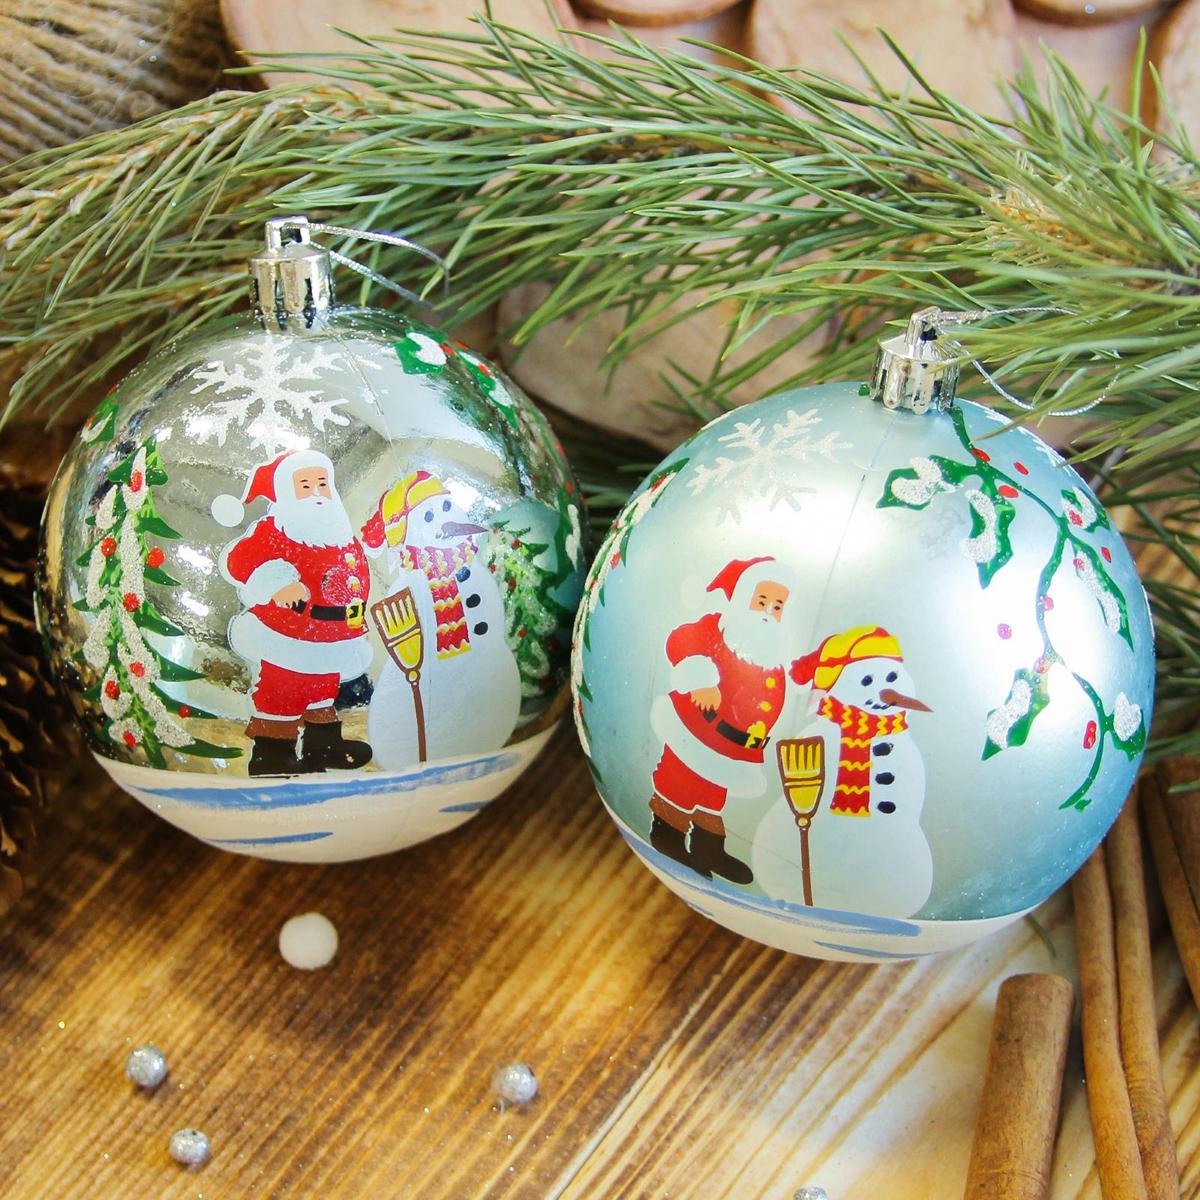 Набор новогодних подвесных украшений Sima-land Дед мороз со снеговиком, диаметр 8 см, 6 шт2122968Набор новогодних подвесных украшений Sima-land отлично подойдет для декорации вашего дома и новогодней ели. С помощью специальной петельки украшение можно повесить в любом понравившемся вам месте. Но, конечно, удачнее всего оно будет смотреться на праздничной елке. Елочная игрушка - символ Нового года. Она несет в себе волшебство и красоту праздника. Создайте в своем доме атмосферу веселья и радости, украшая новогоднюю елку нарядными игрушками, которые будут из года в год накапливать теплоту воспоминаний.